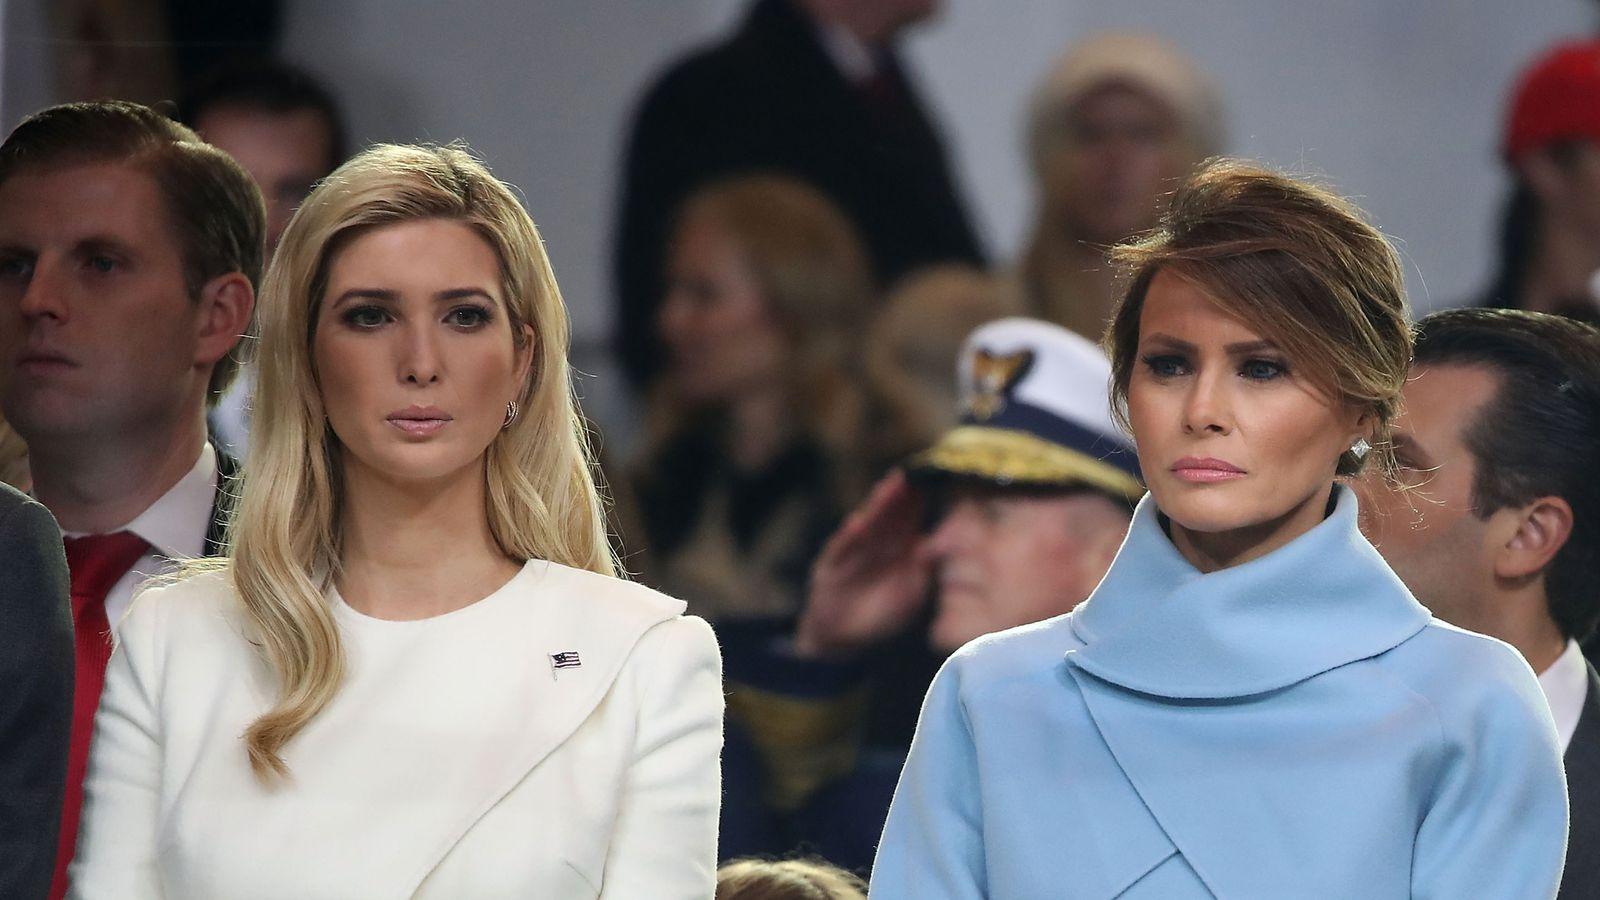 размножение мелания и иванка трамп фото что сохранил полуголые